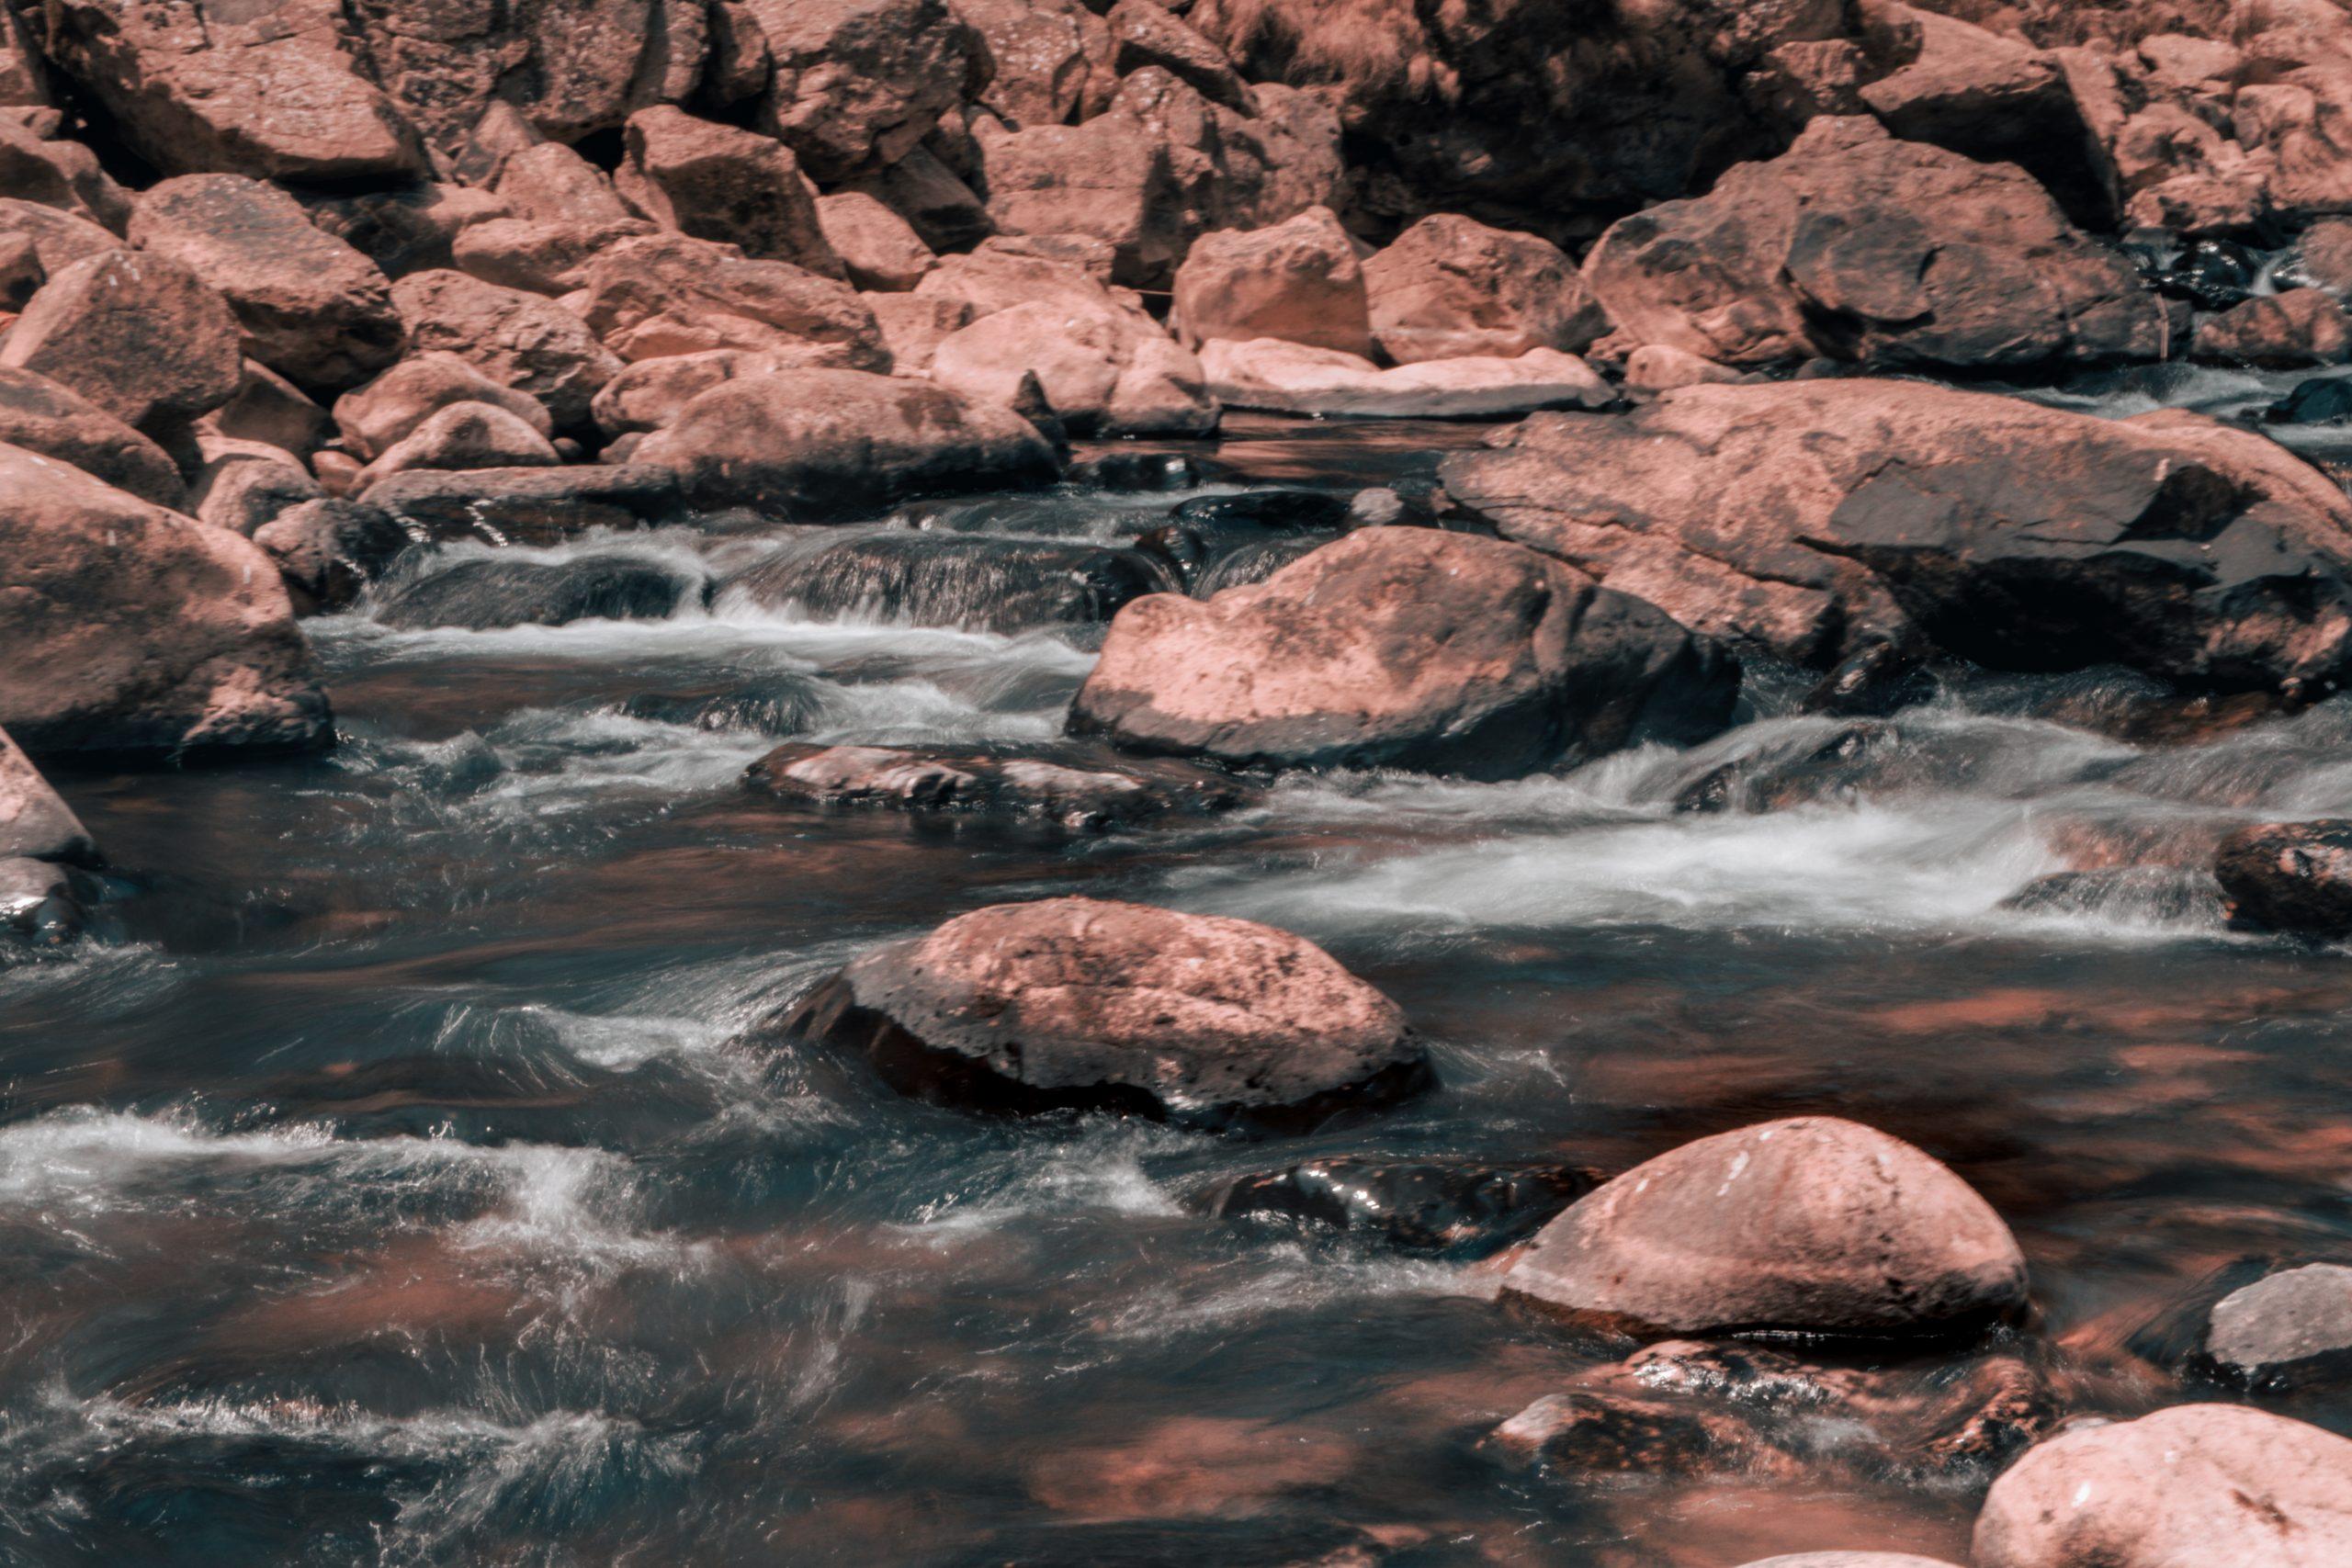 Rocks in the river